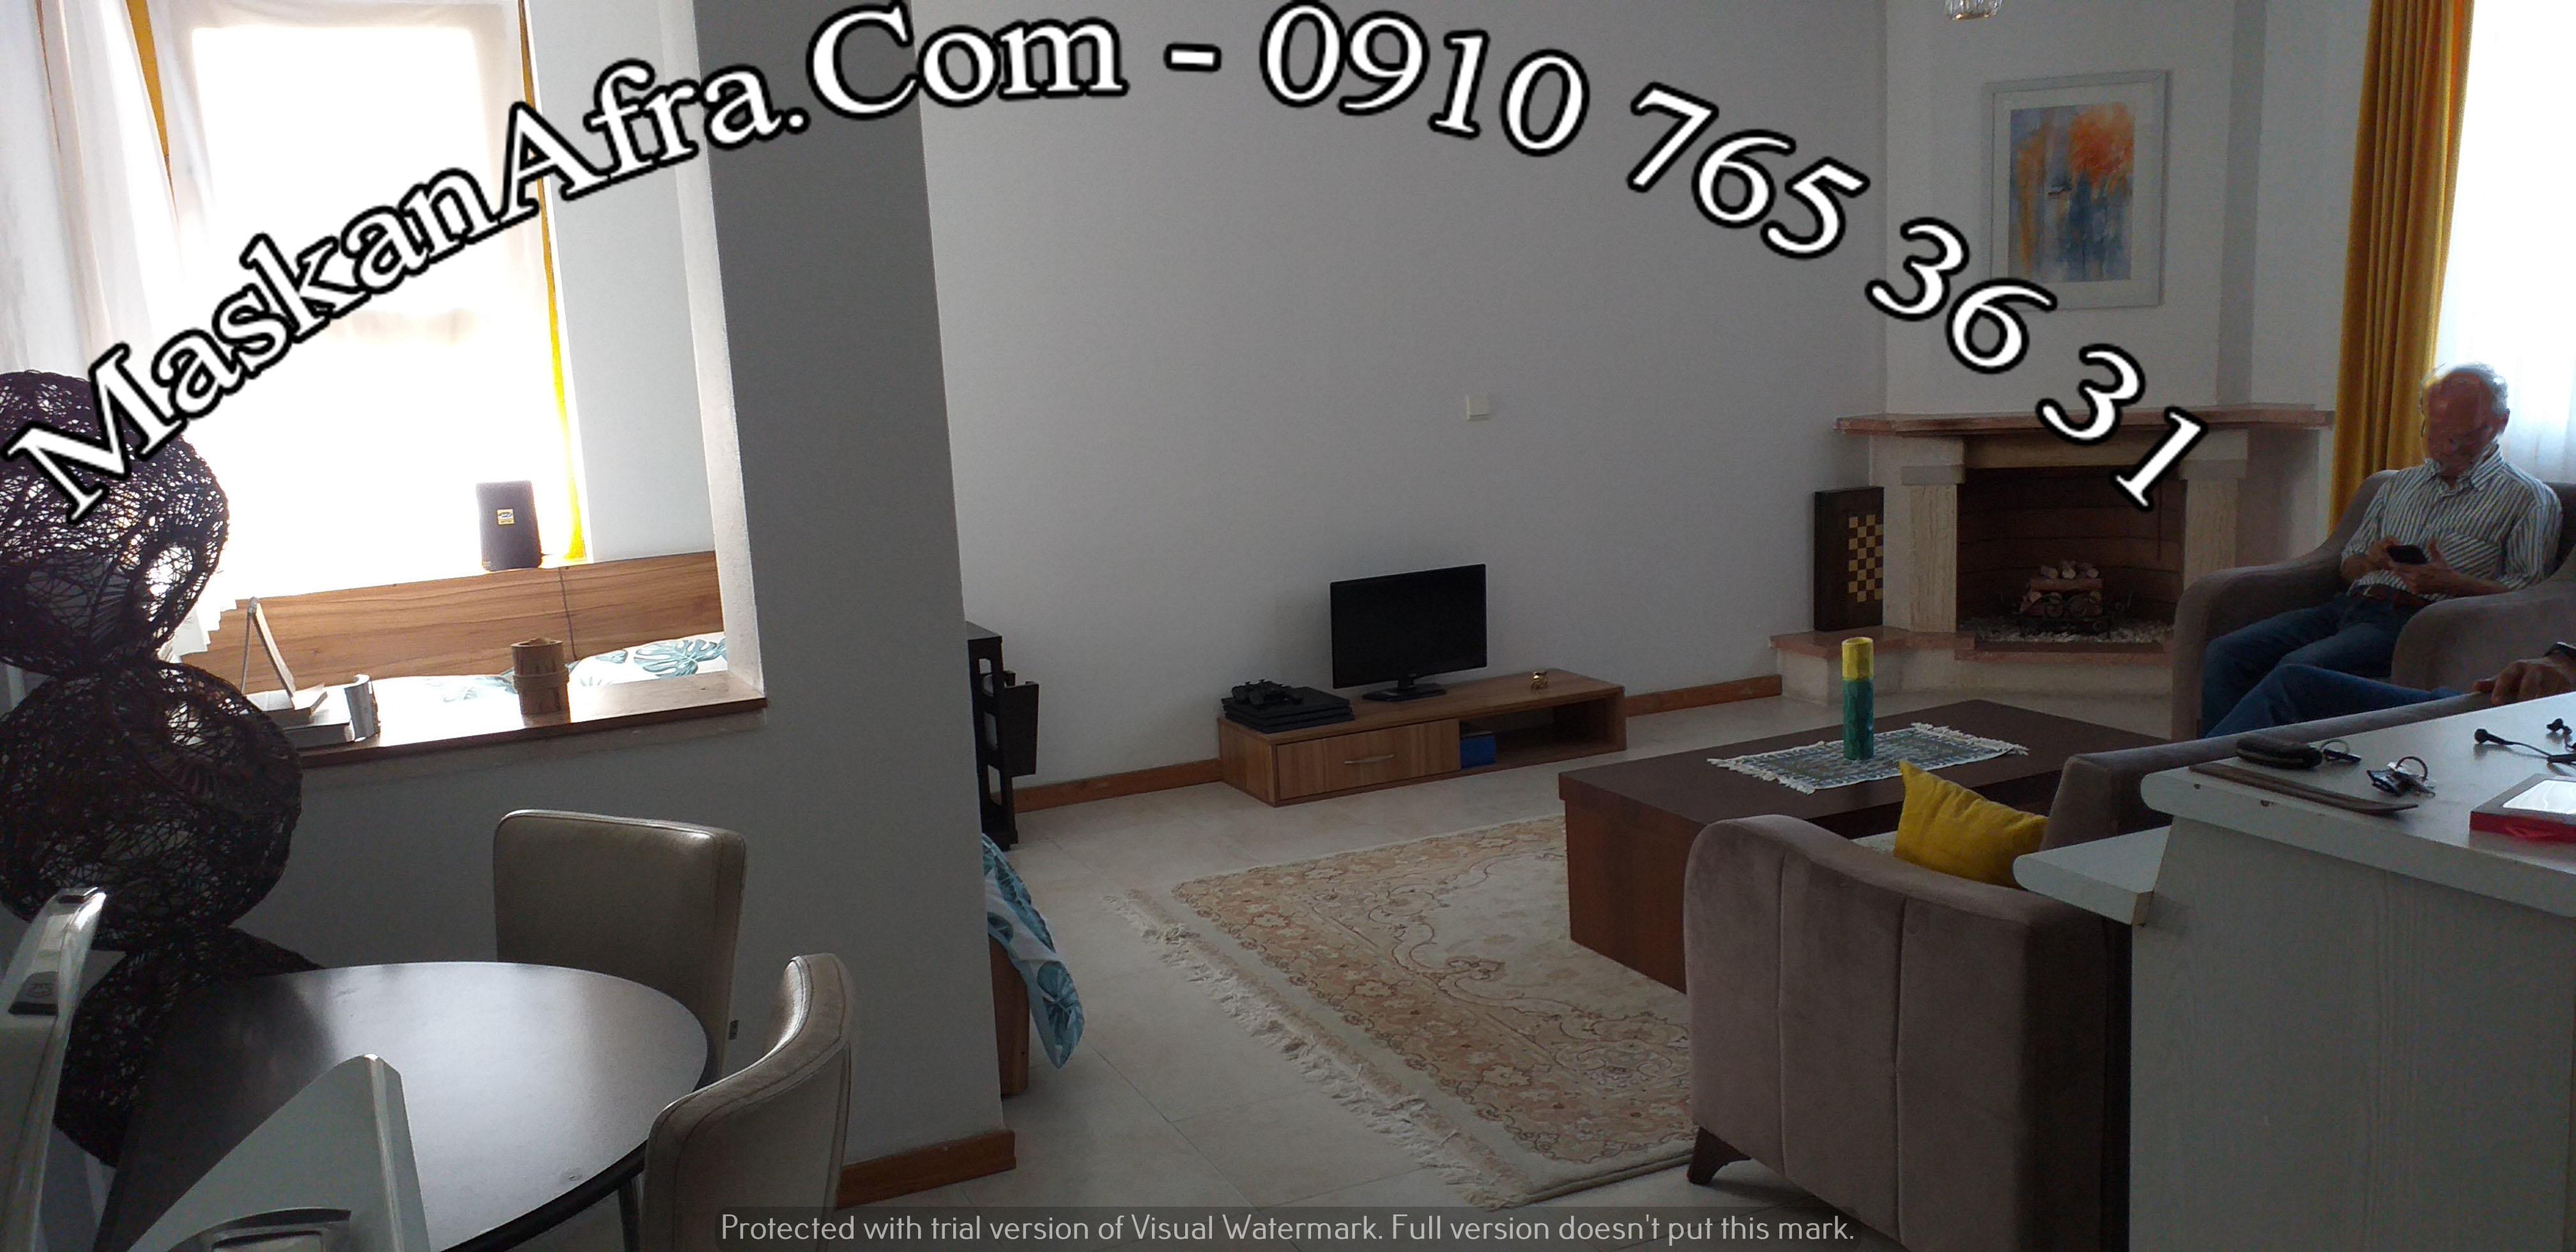 اجاره-آپارتمان-بندر انزلی-دهکده ساحلی-۵۵ متر زیربنا